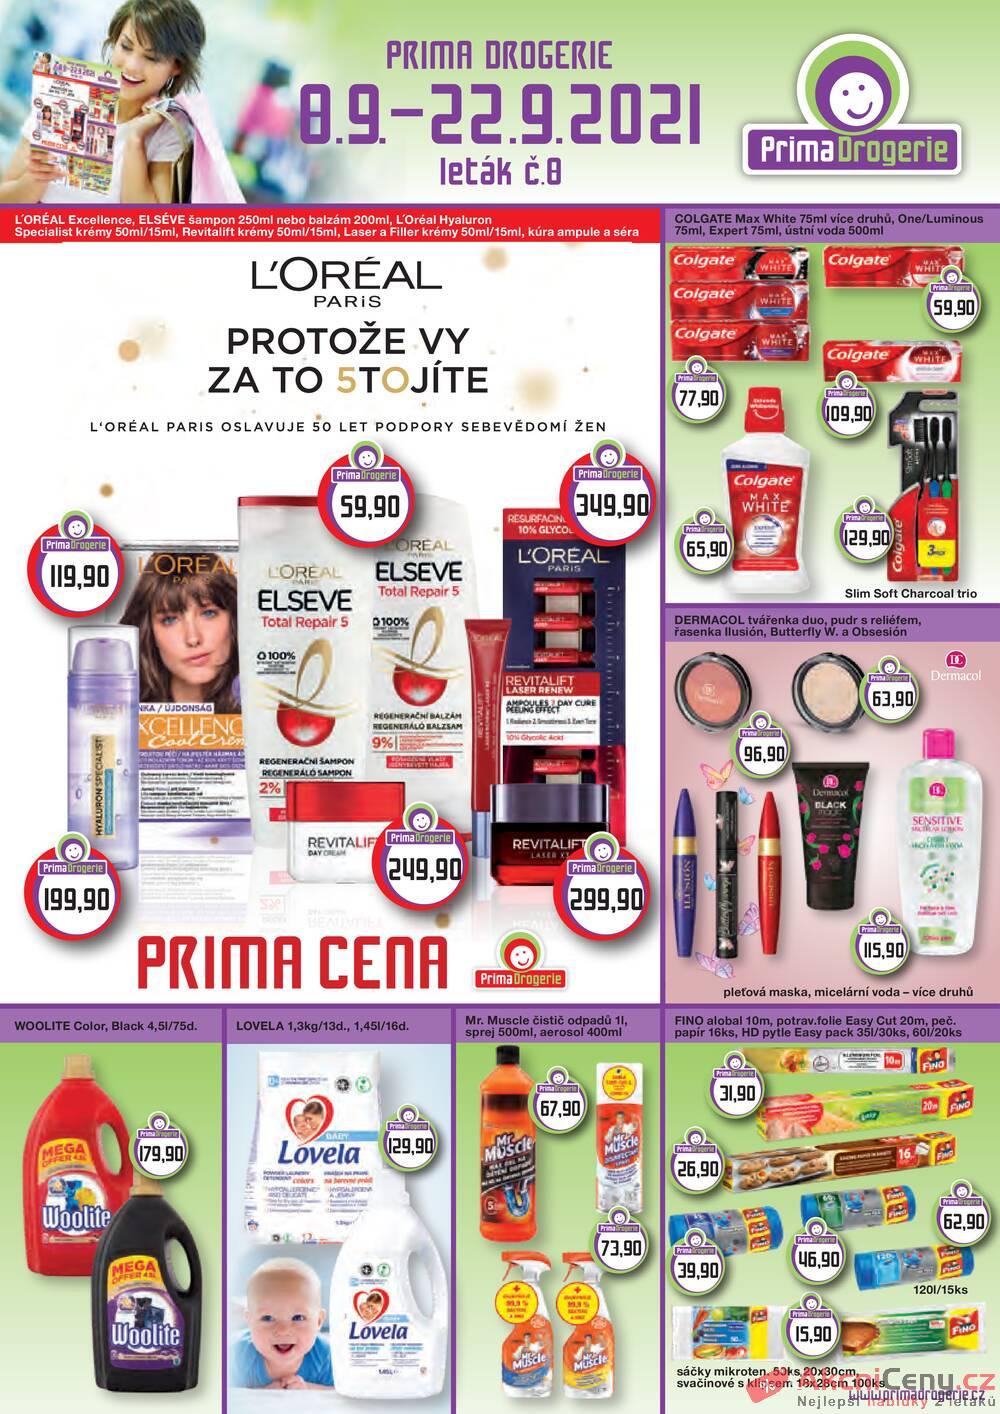 Leták Prima Drogerie - Prima drogerie  od 8.9. do 22.9.2021 - strana 1